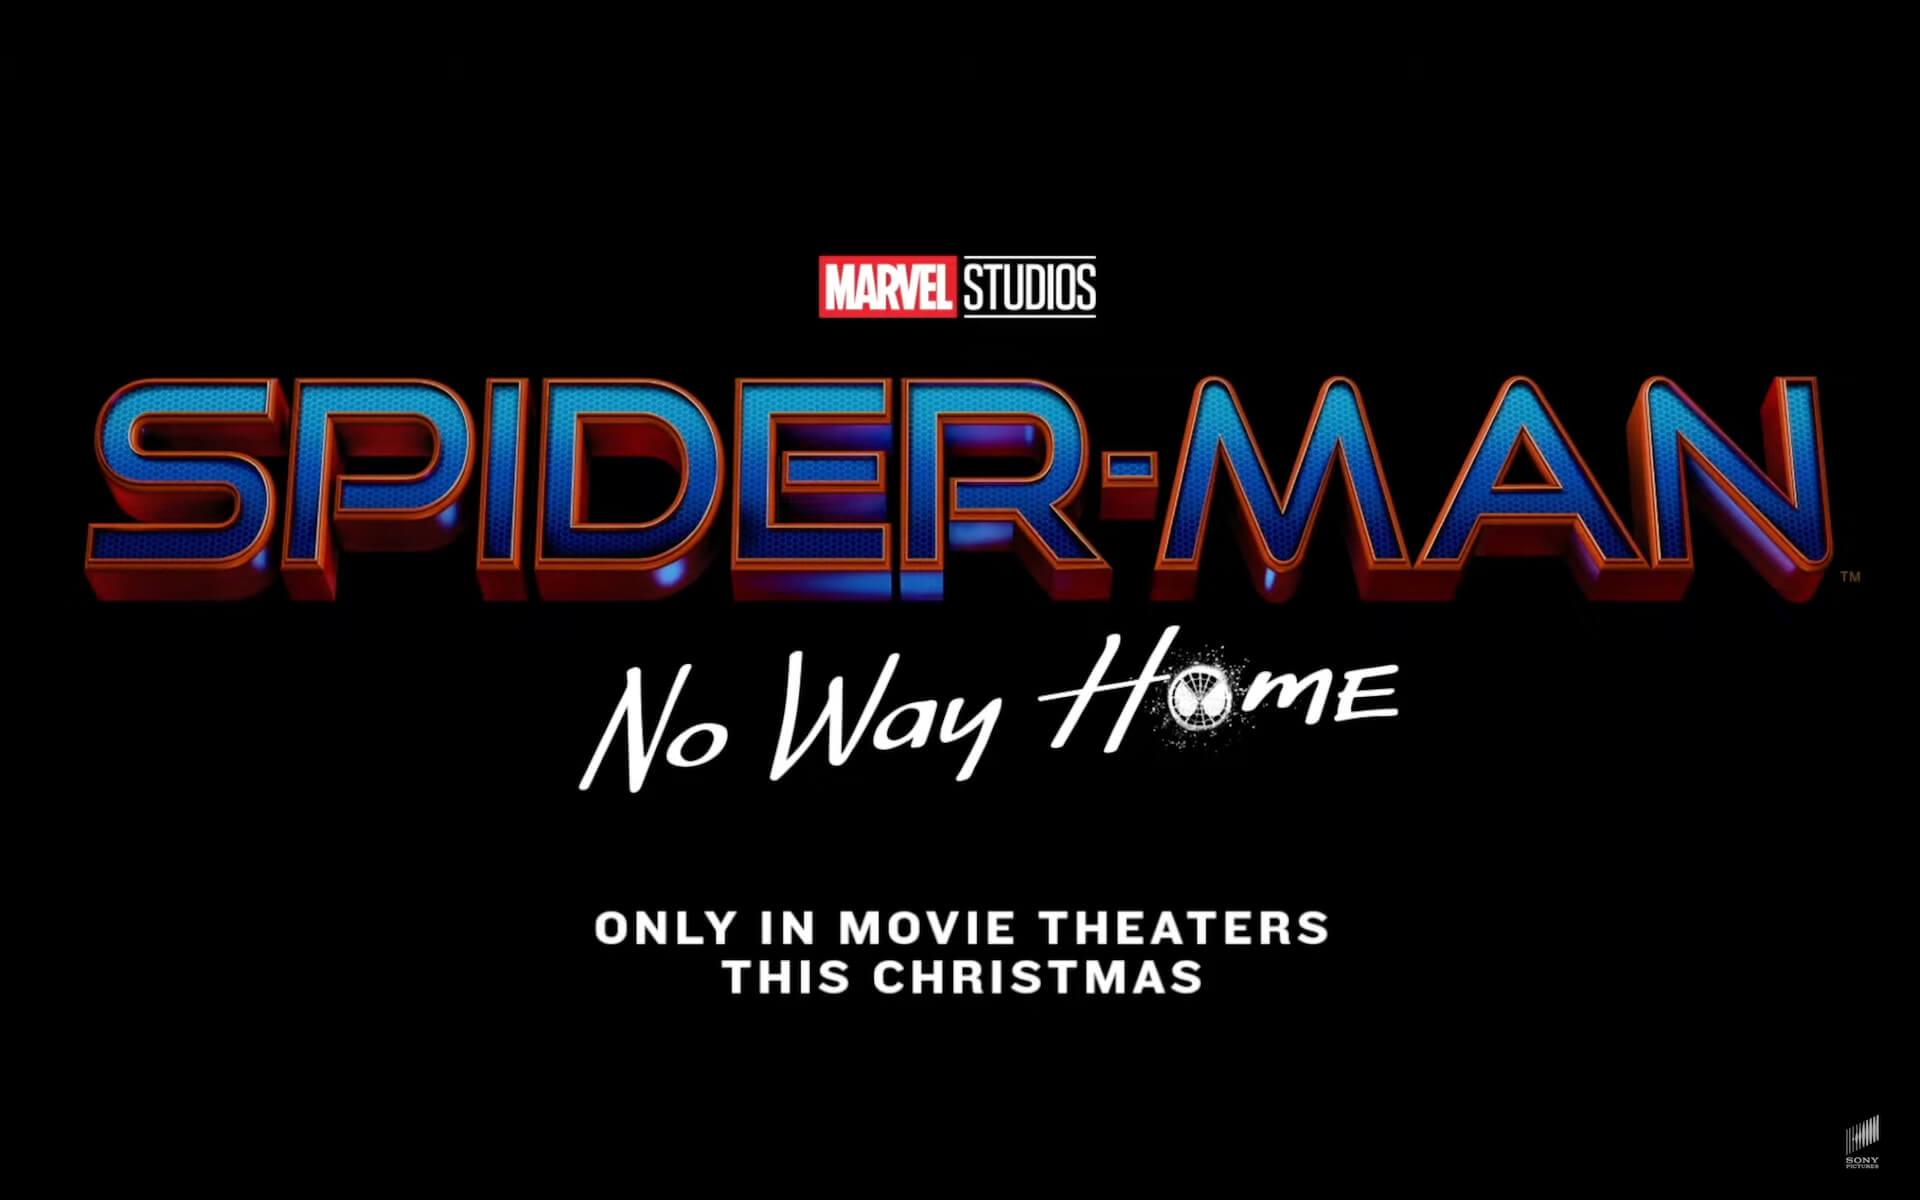 『スパイダーマン3』の真のタイトルがついに判明!『Spider-Man: No Way Home』がクリスマス全米公開決定 film210225_spiderman3_main